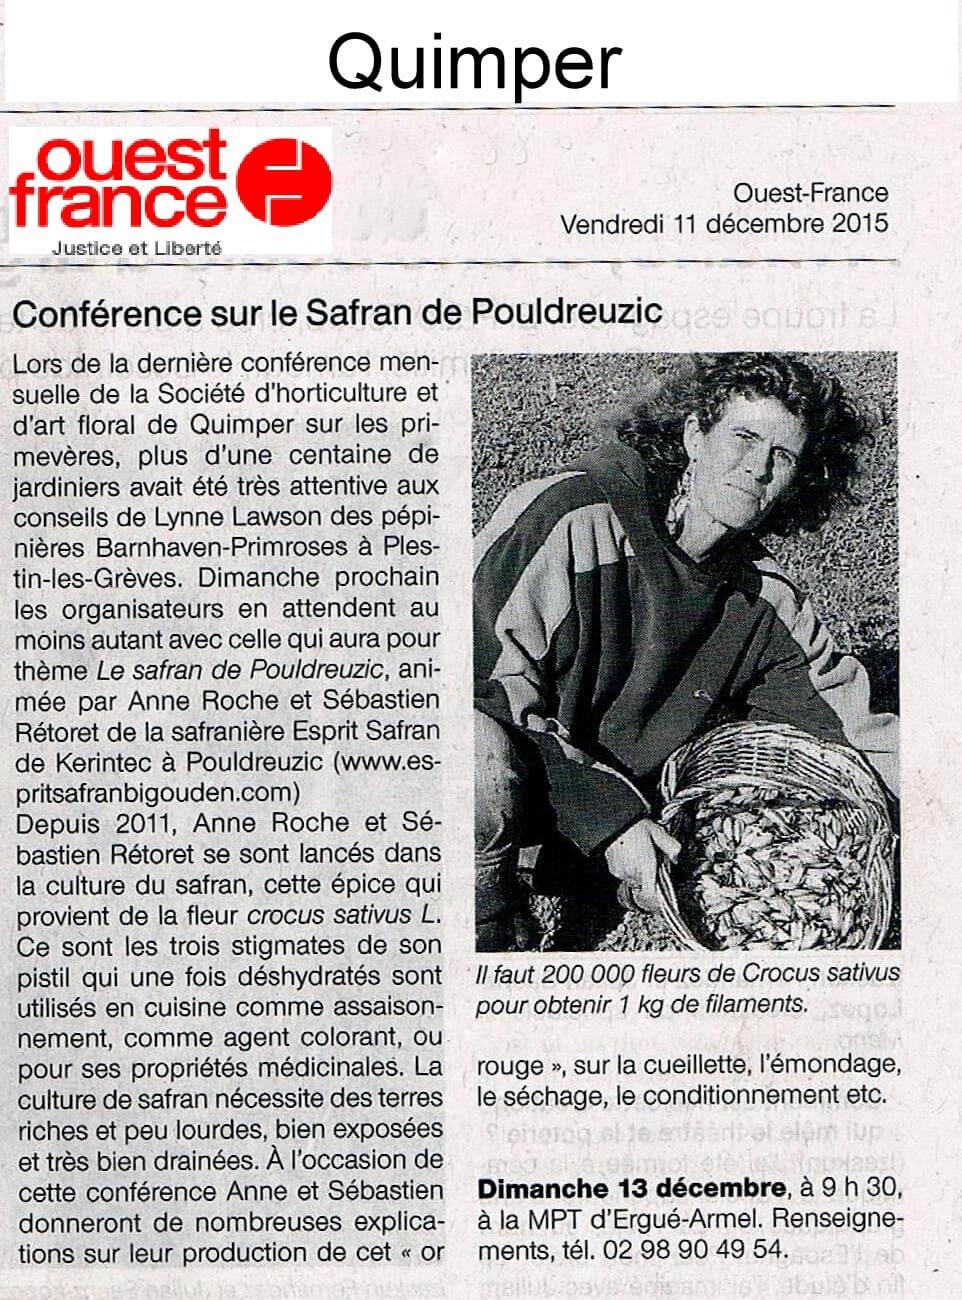 Conférence sur le safran de Pouldreuzic